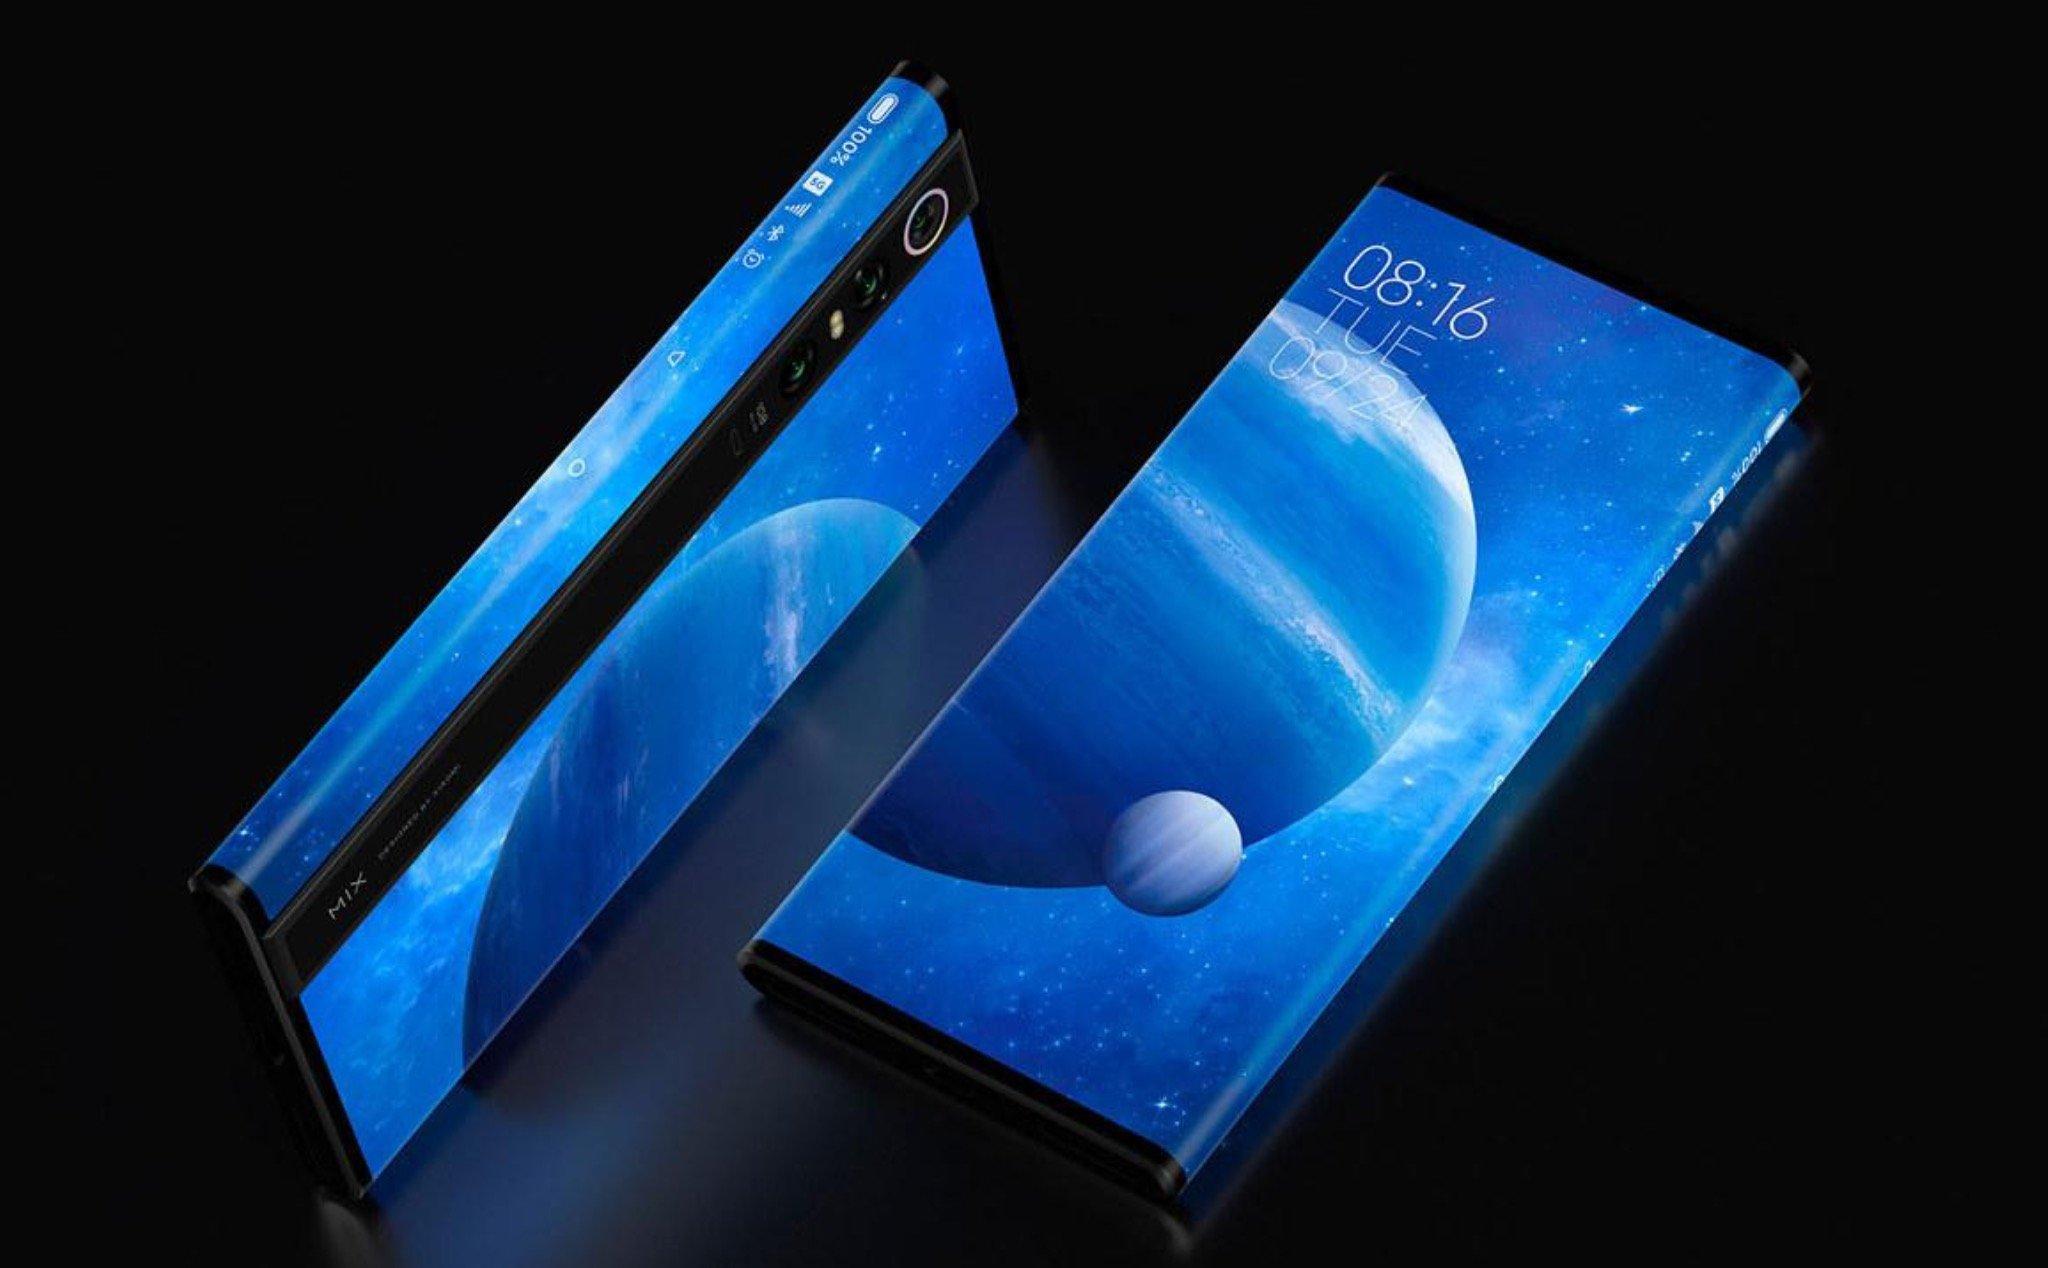 Điện thoại có thể gập lại của Xiaomi khả năng sẽ ra mắt vào tháng 3 3